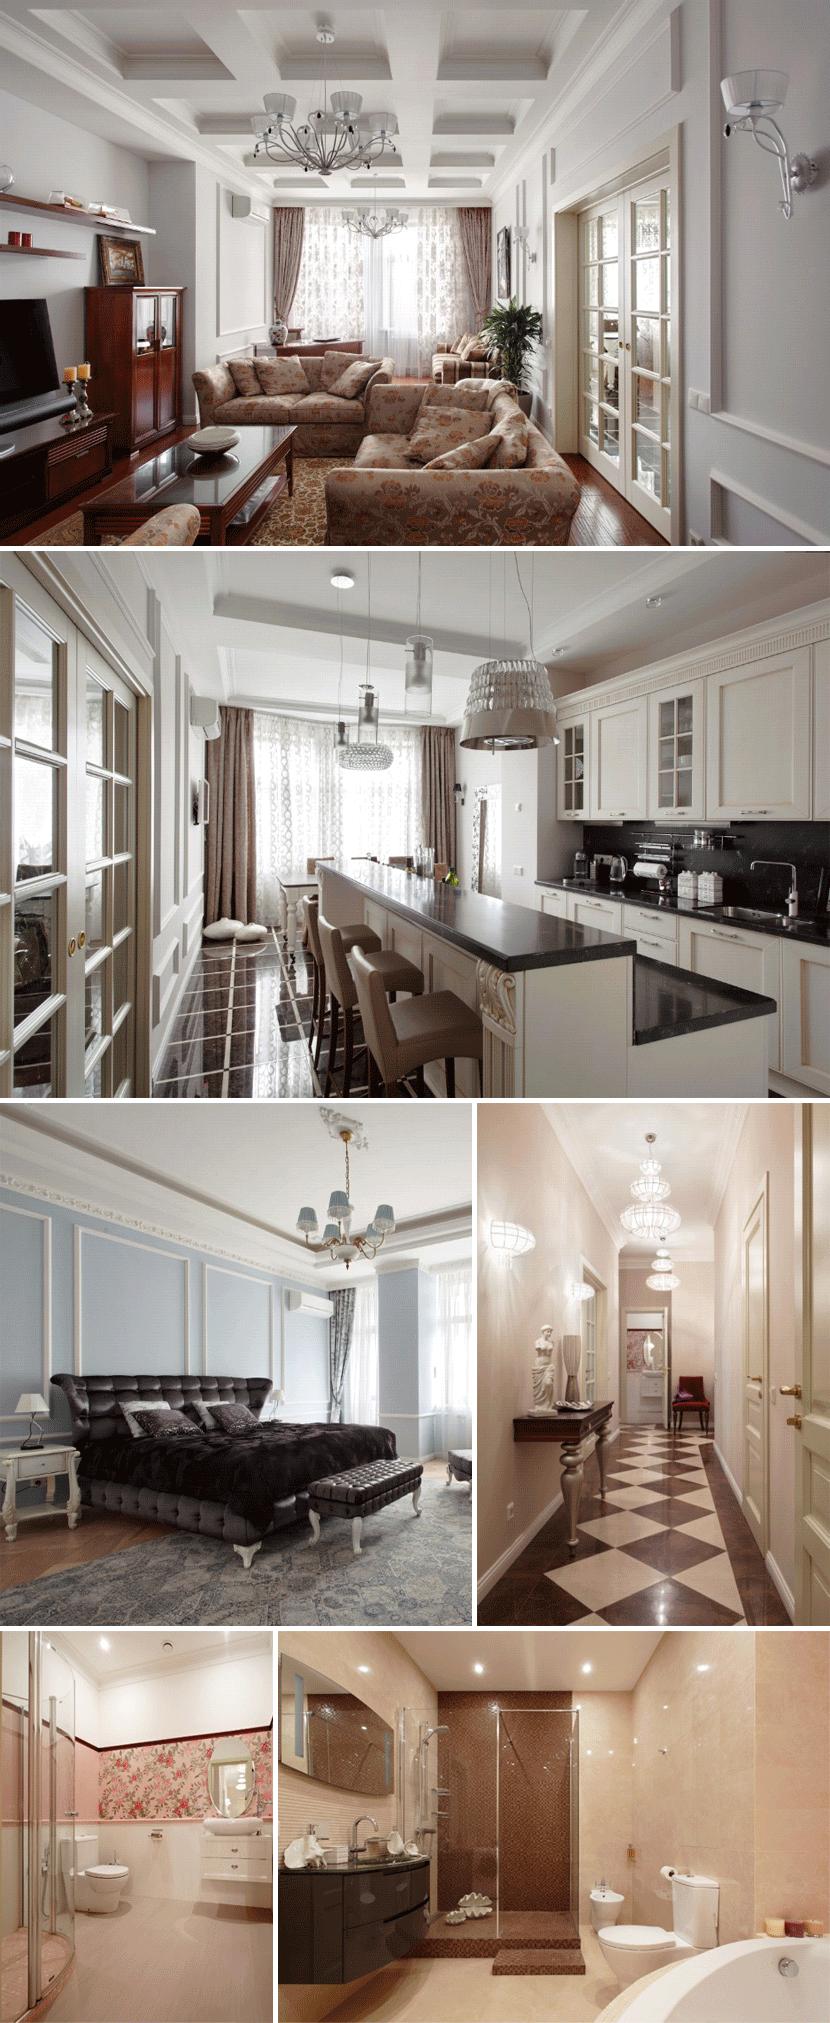 Совместный проект White & Black Design Studio и Студии светодизайна D`Luce, частная квартира в г. Москва.